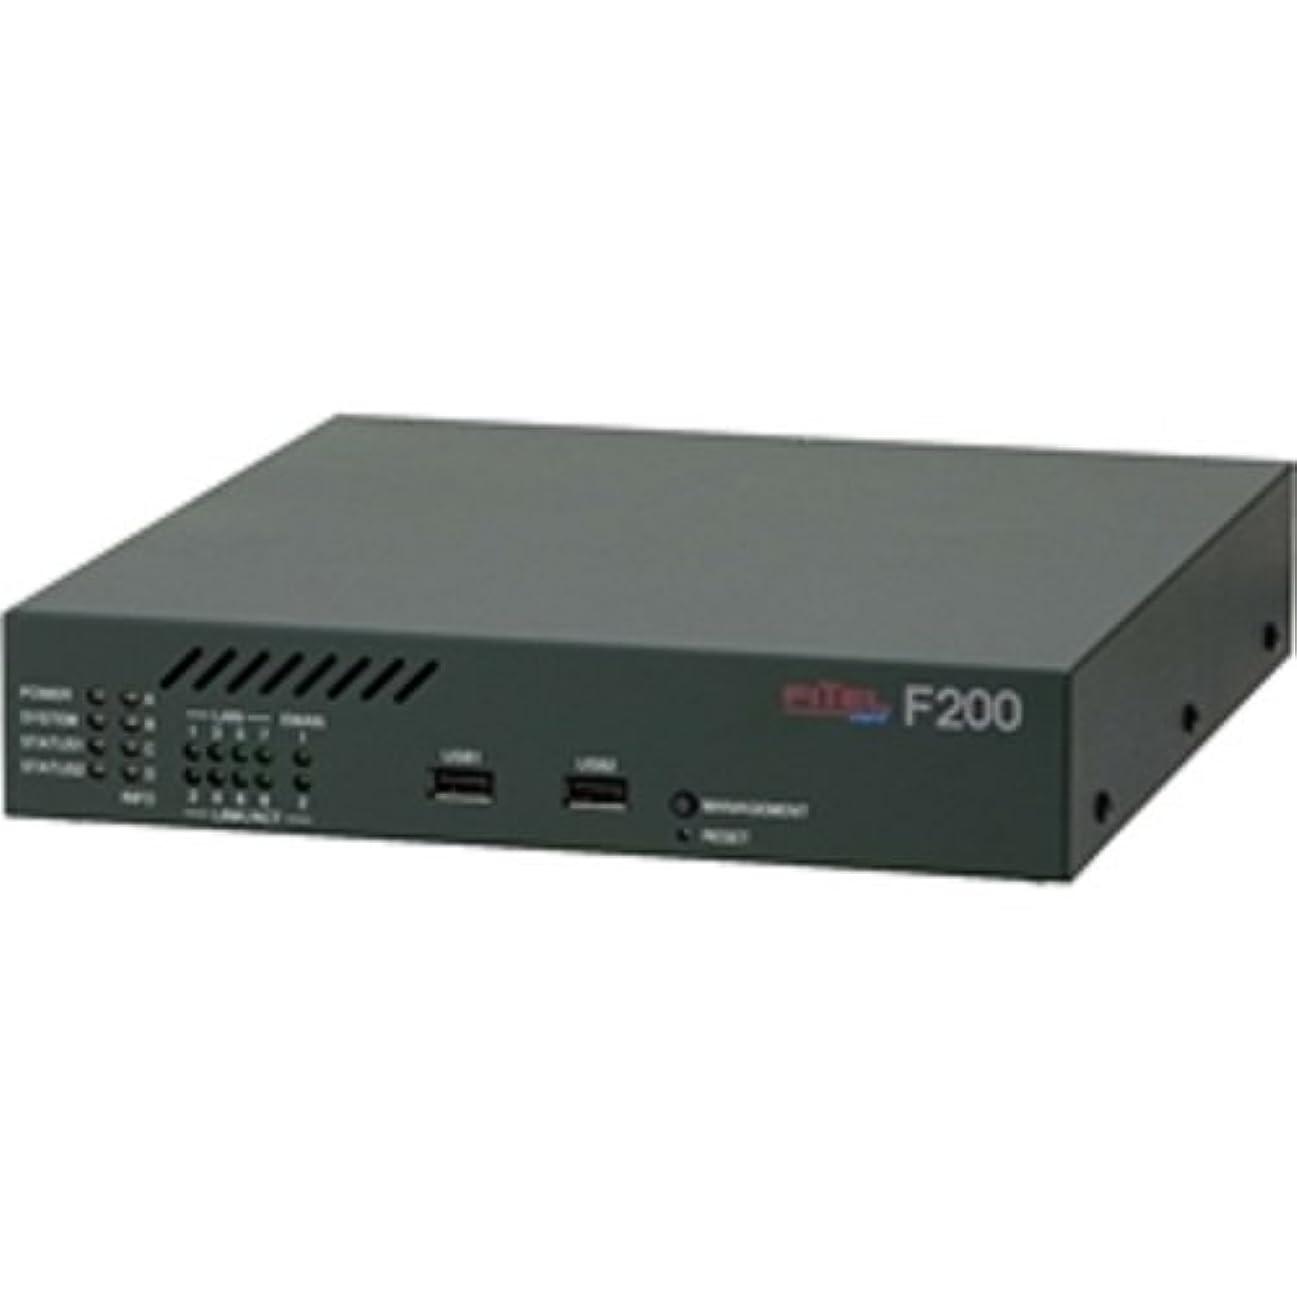 送料一般的にヒューバートハドソン古河電気工業 IPsec対応ギガビットイーサネットルータ FITELnet F200